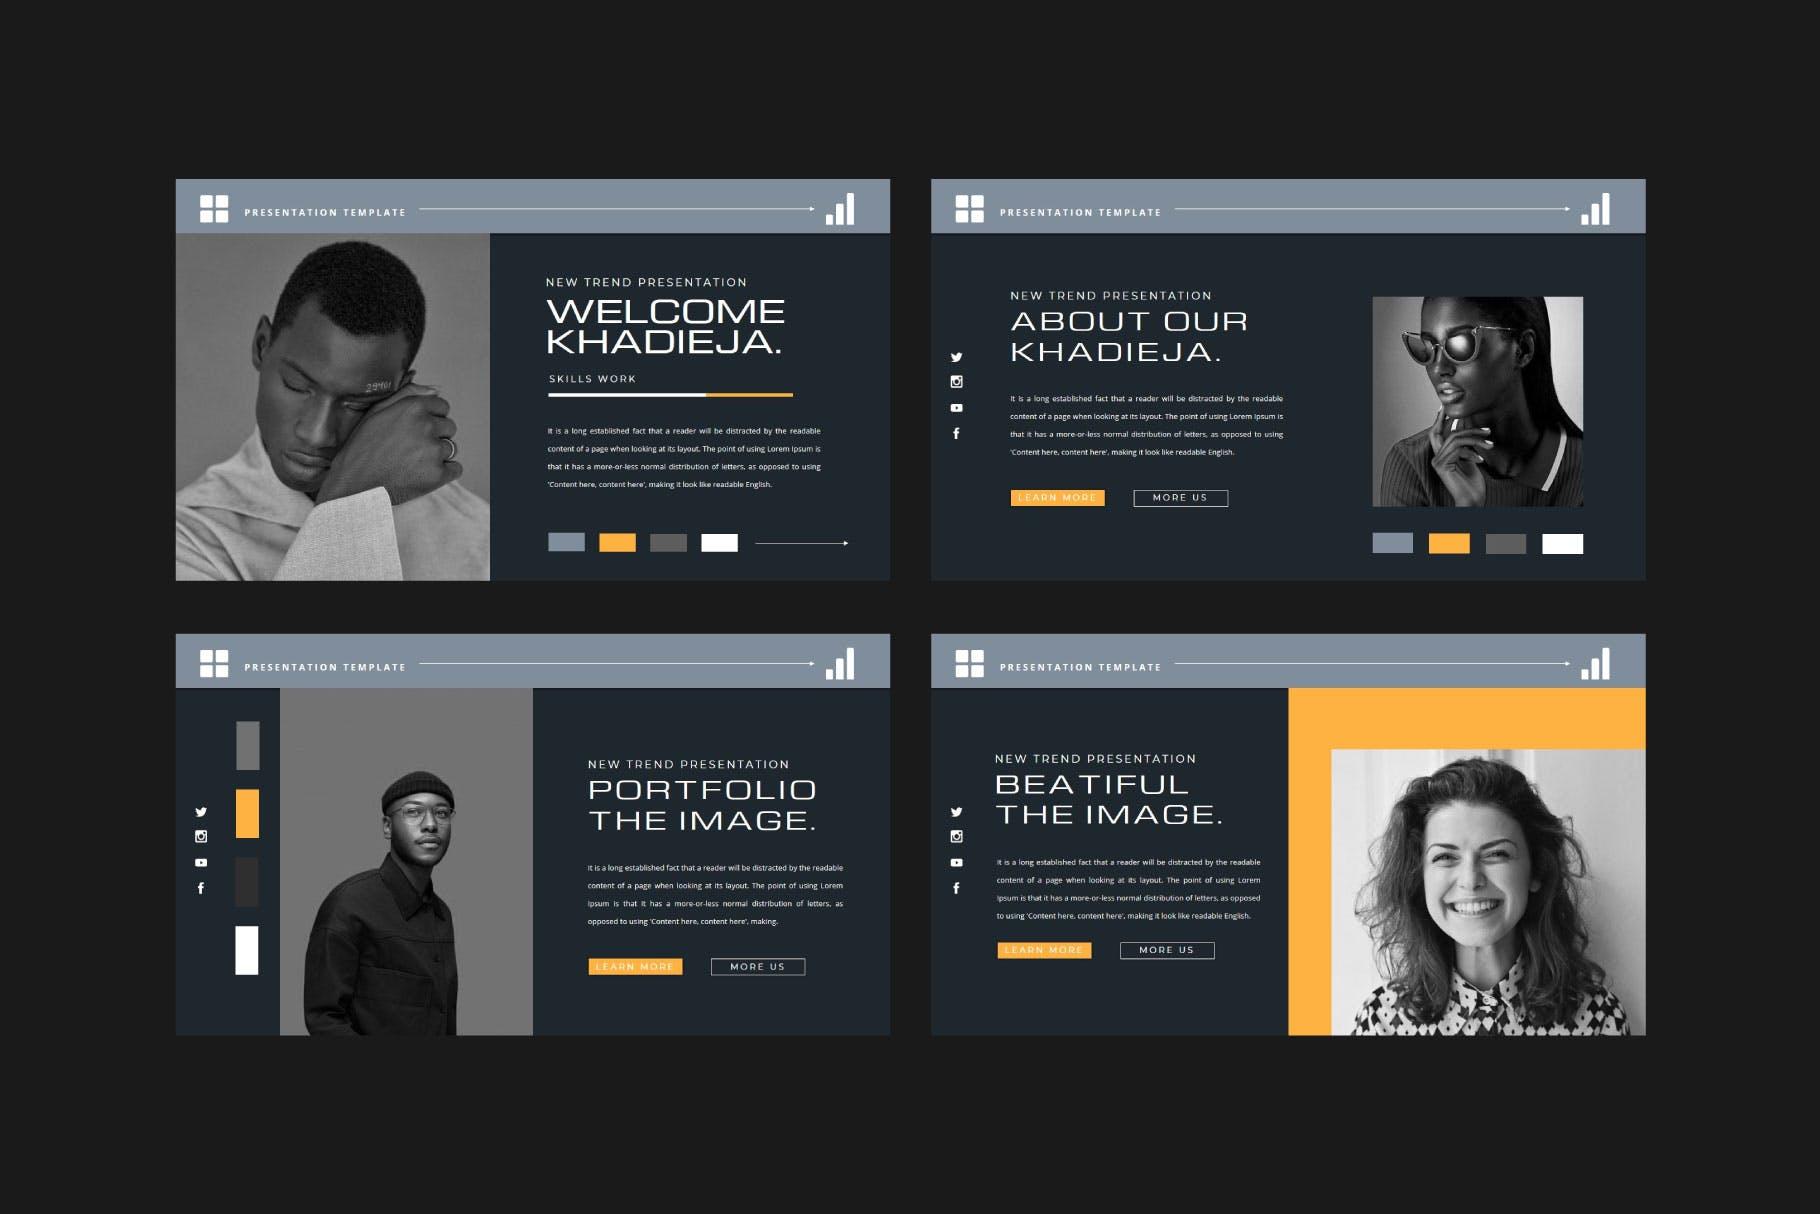 潮流品牌策划提案简报作品集设计演示文稿模板 KHADIEJA Powerpoint Template插图6